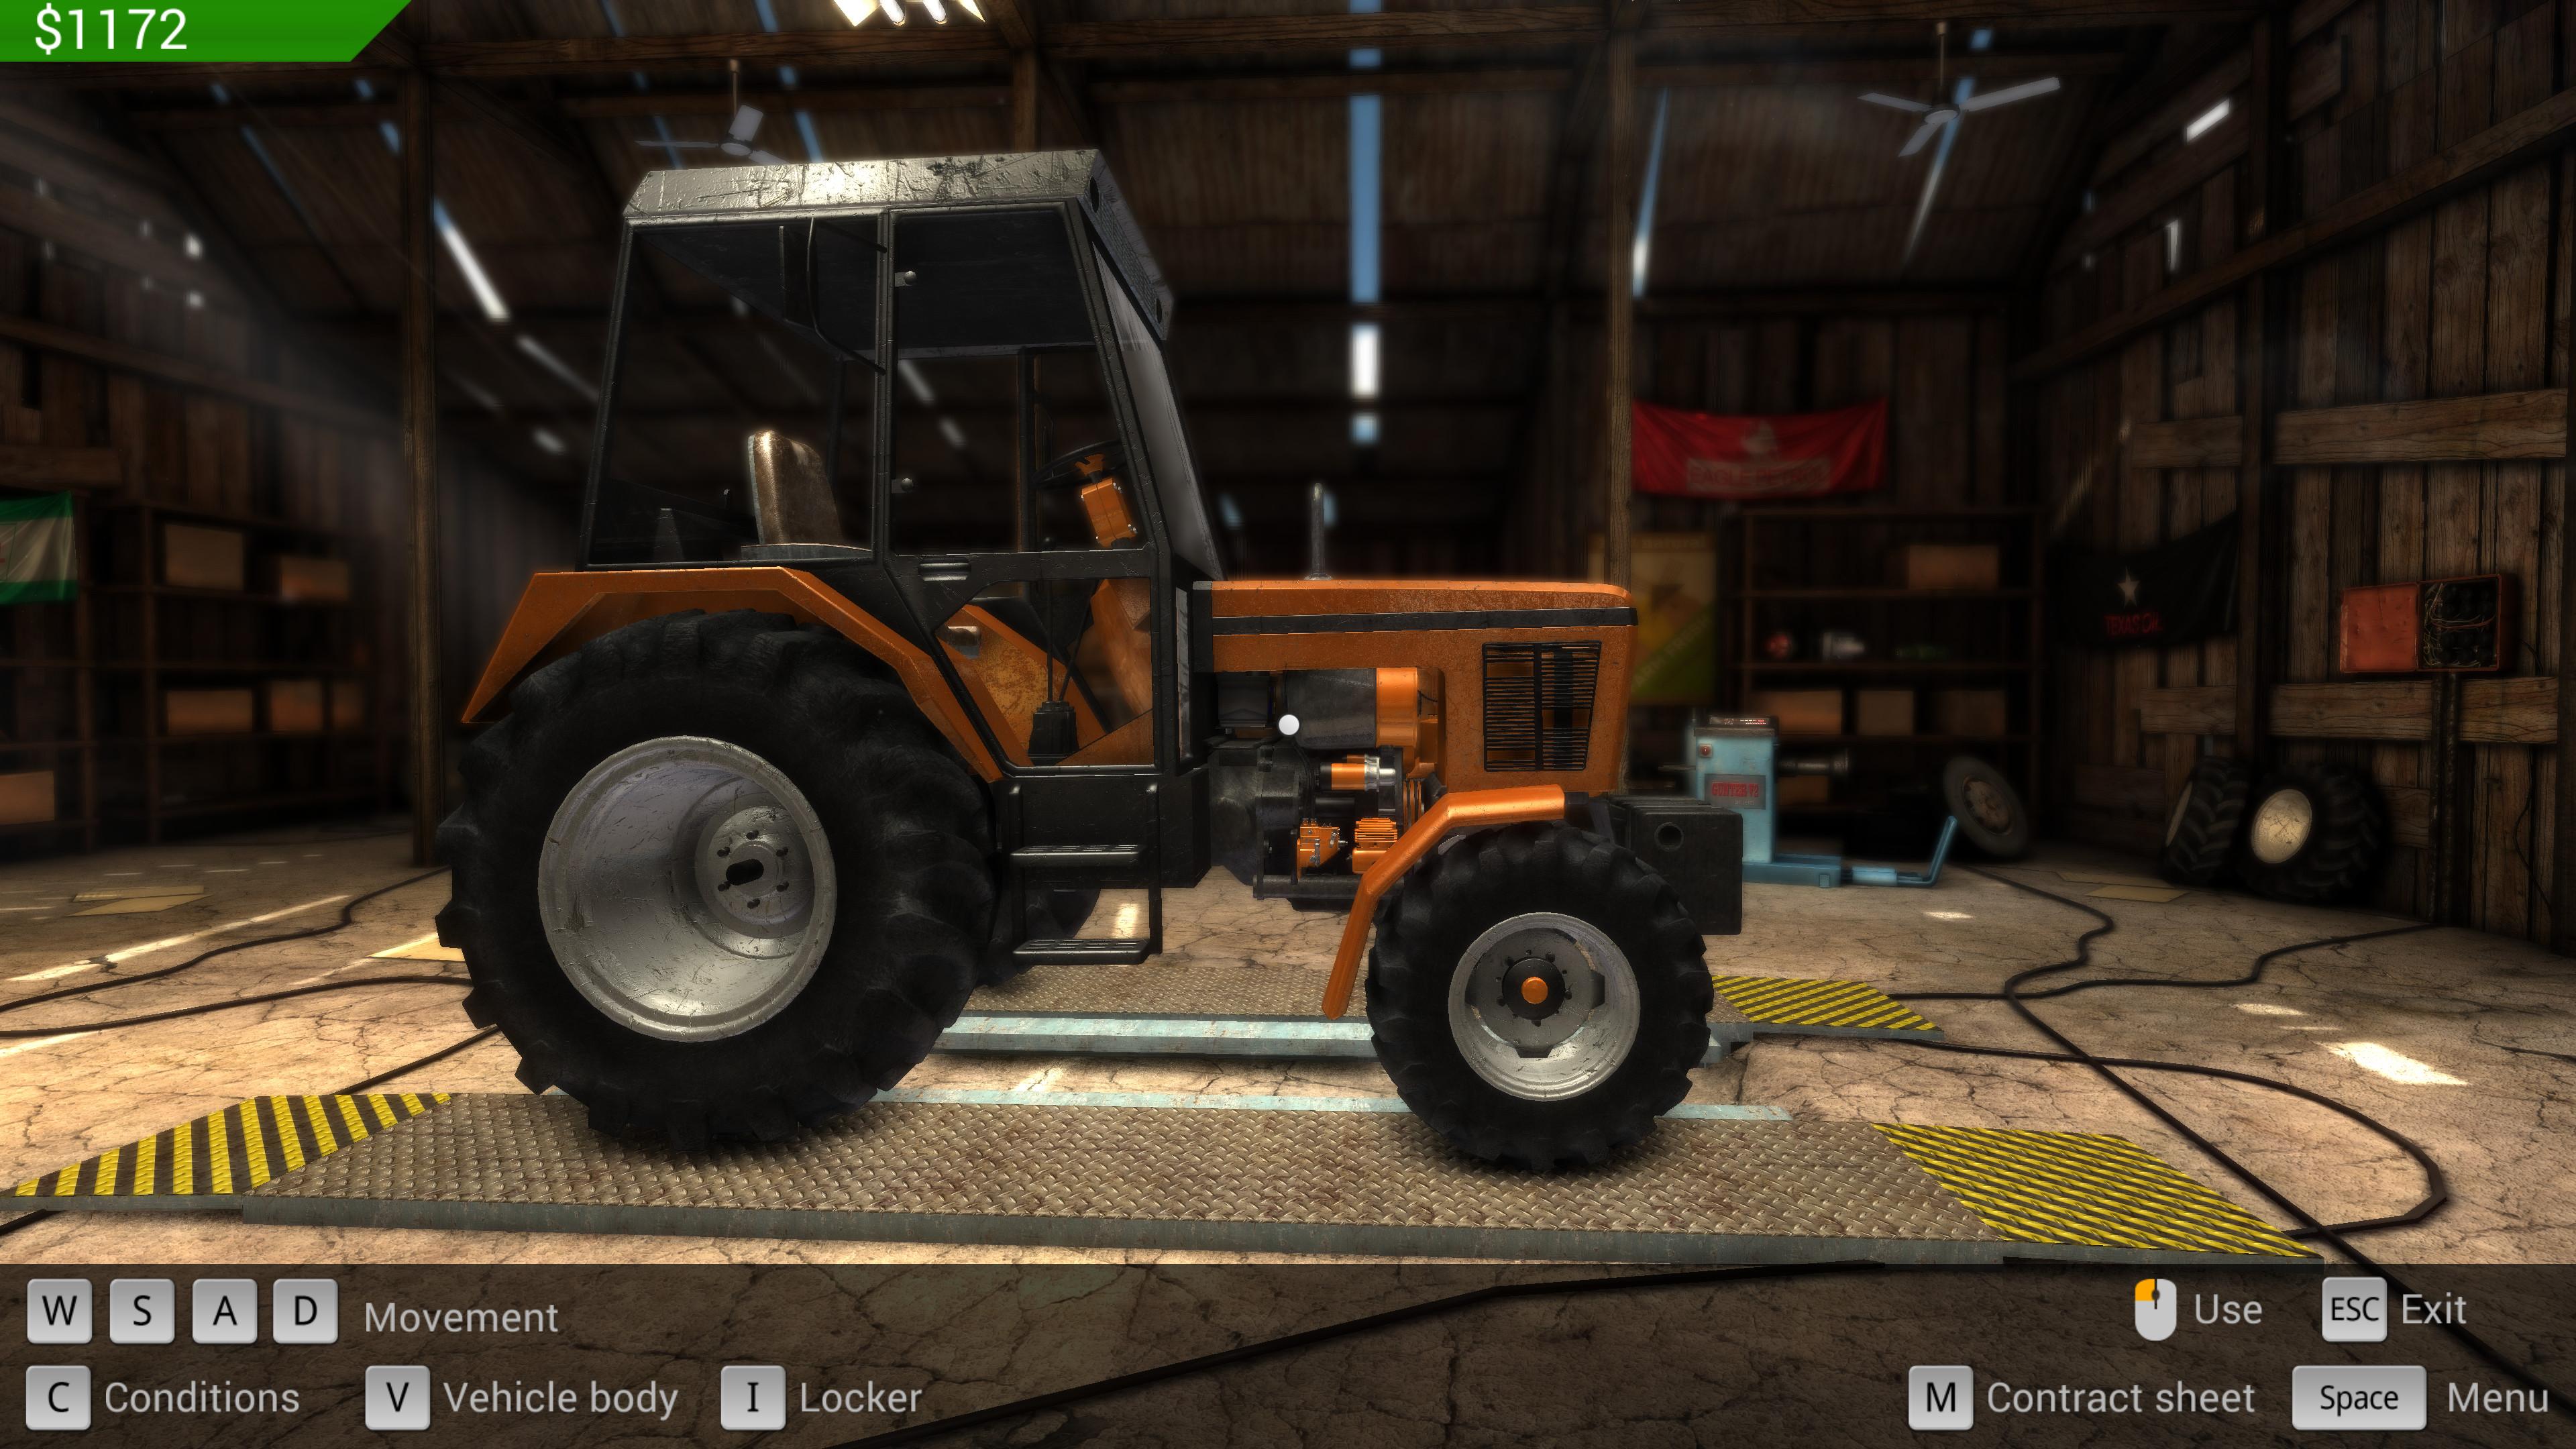 fs 15 farming simulator 2015 скачать бесплатно через торрент